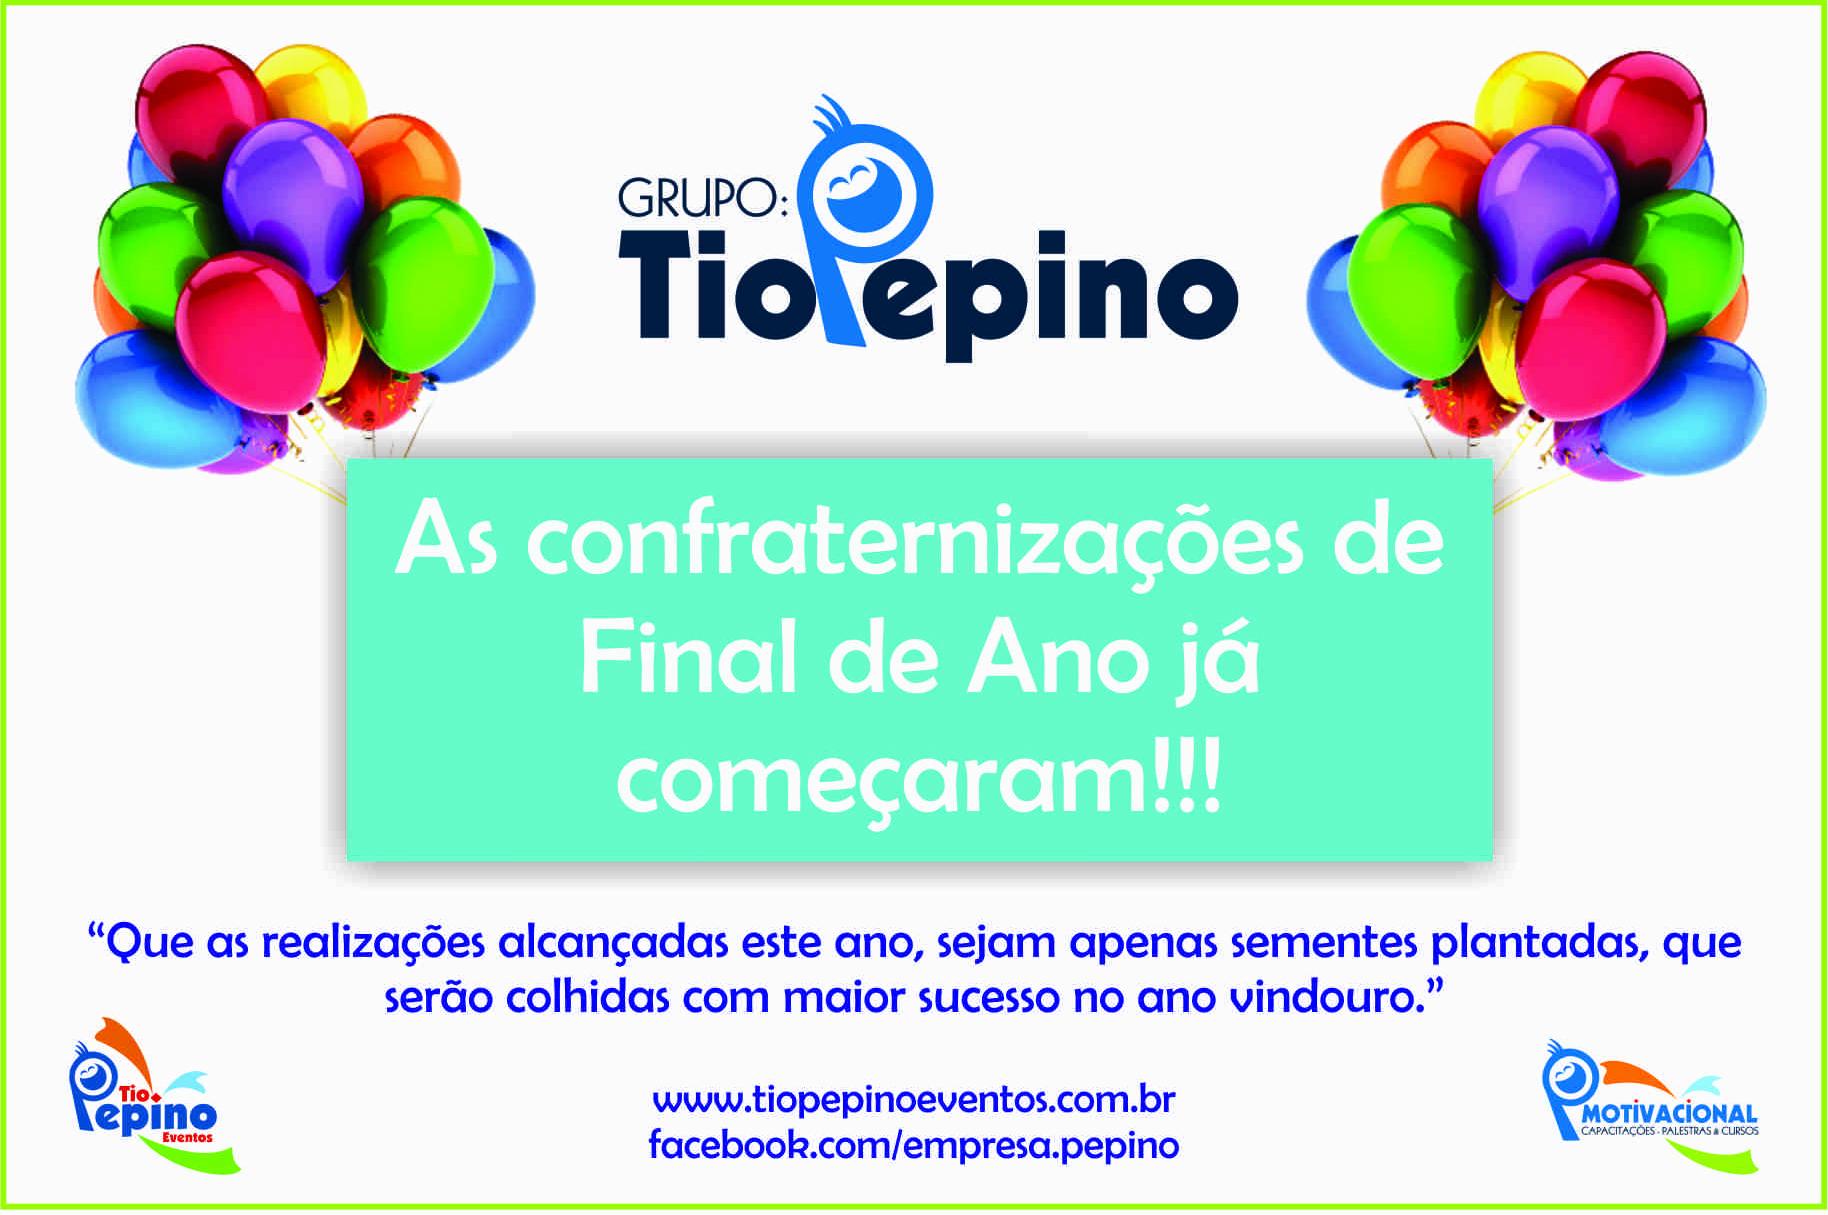 Confraternização 2013!